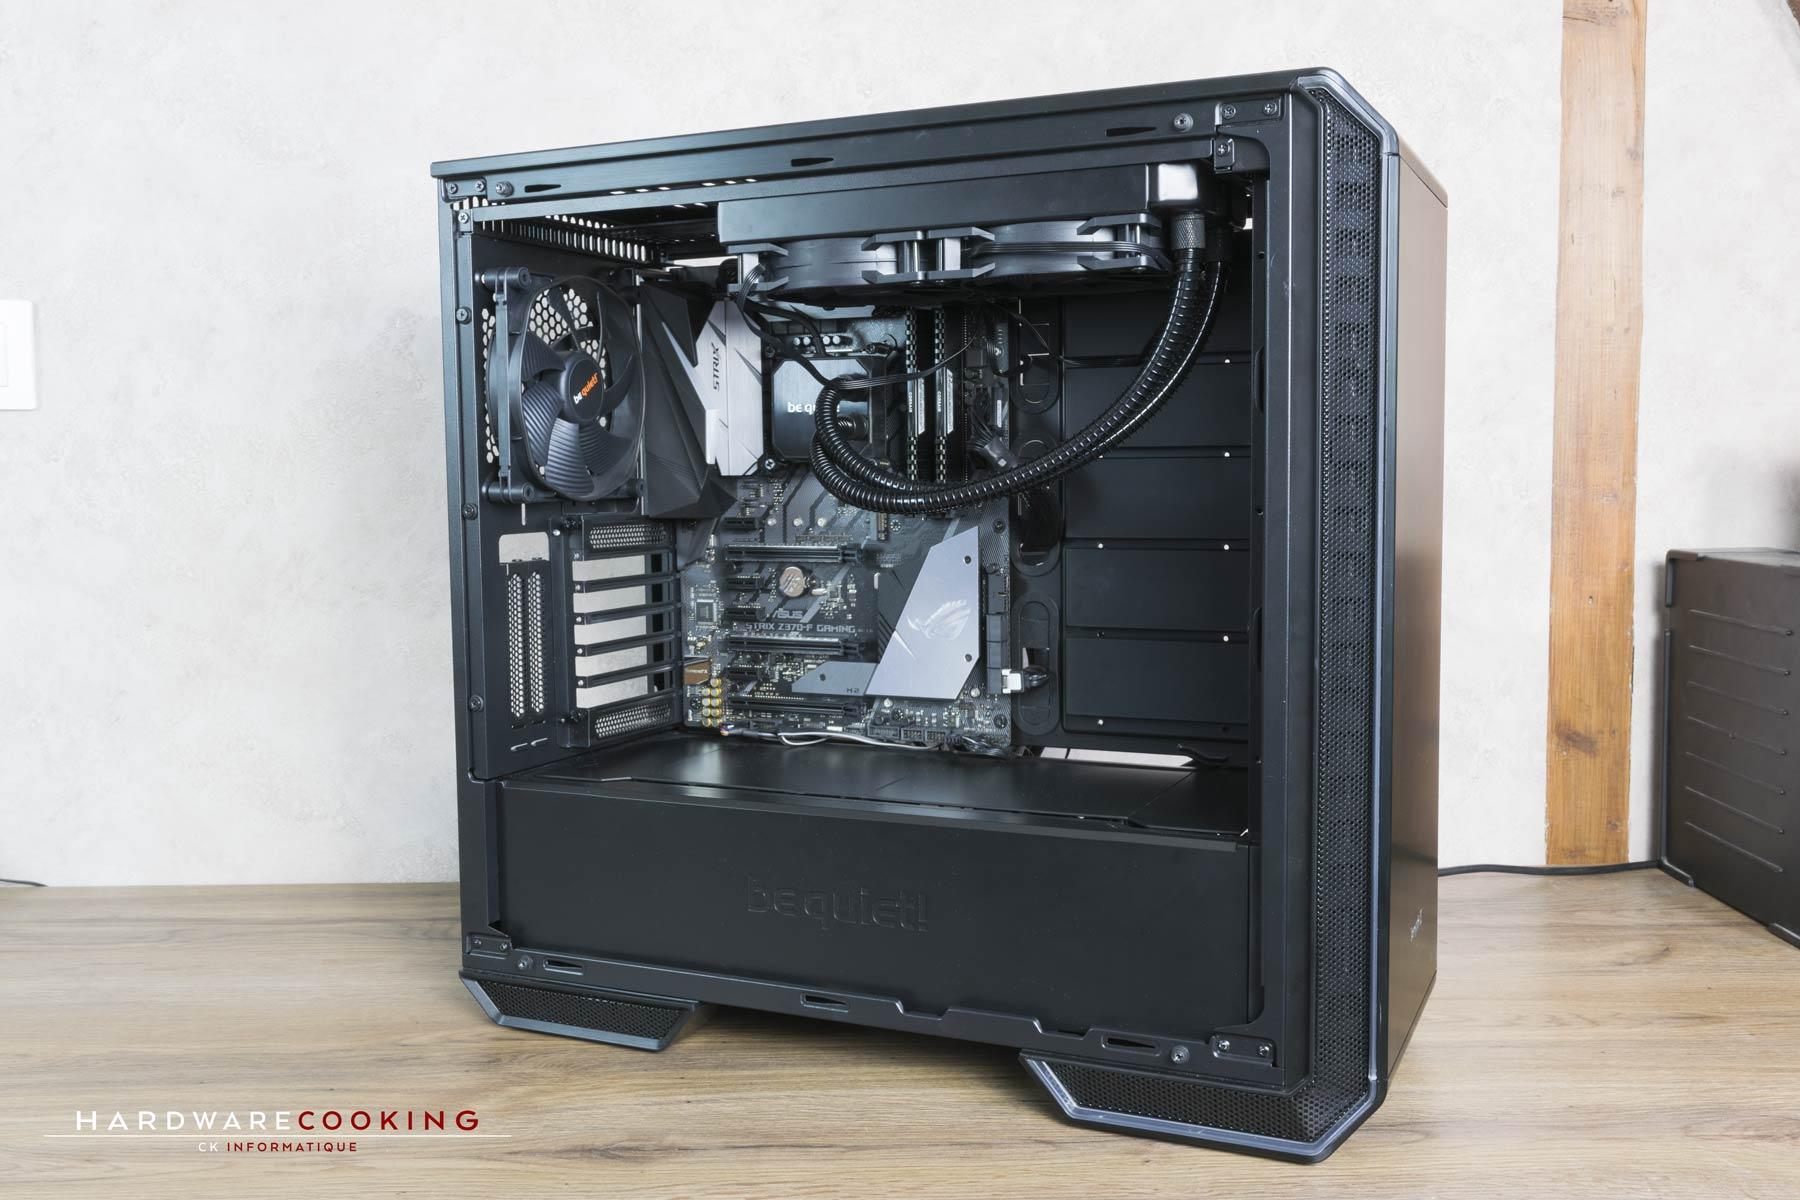 Test : ASUS ROG STRIX Z370-F GAMING - HardwareCooking